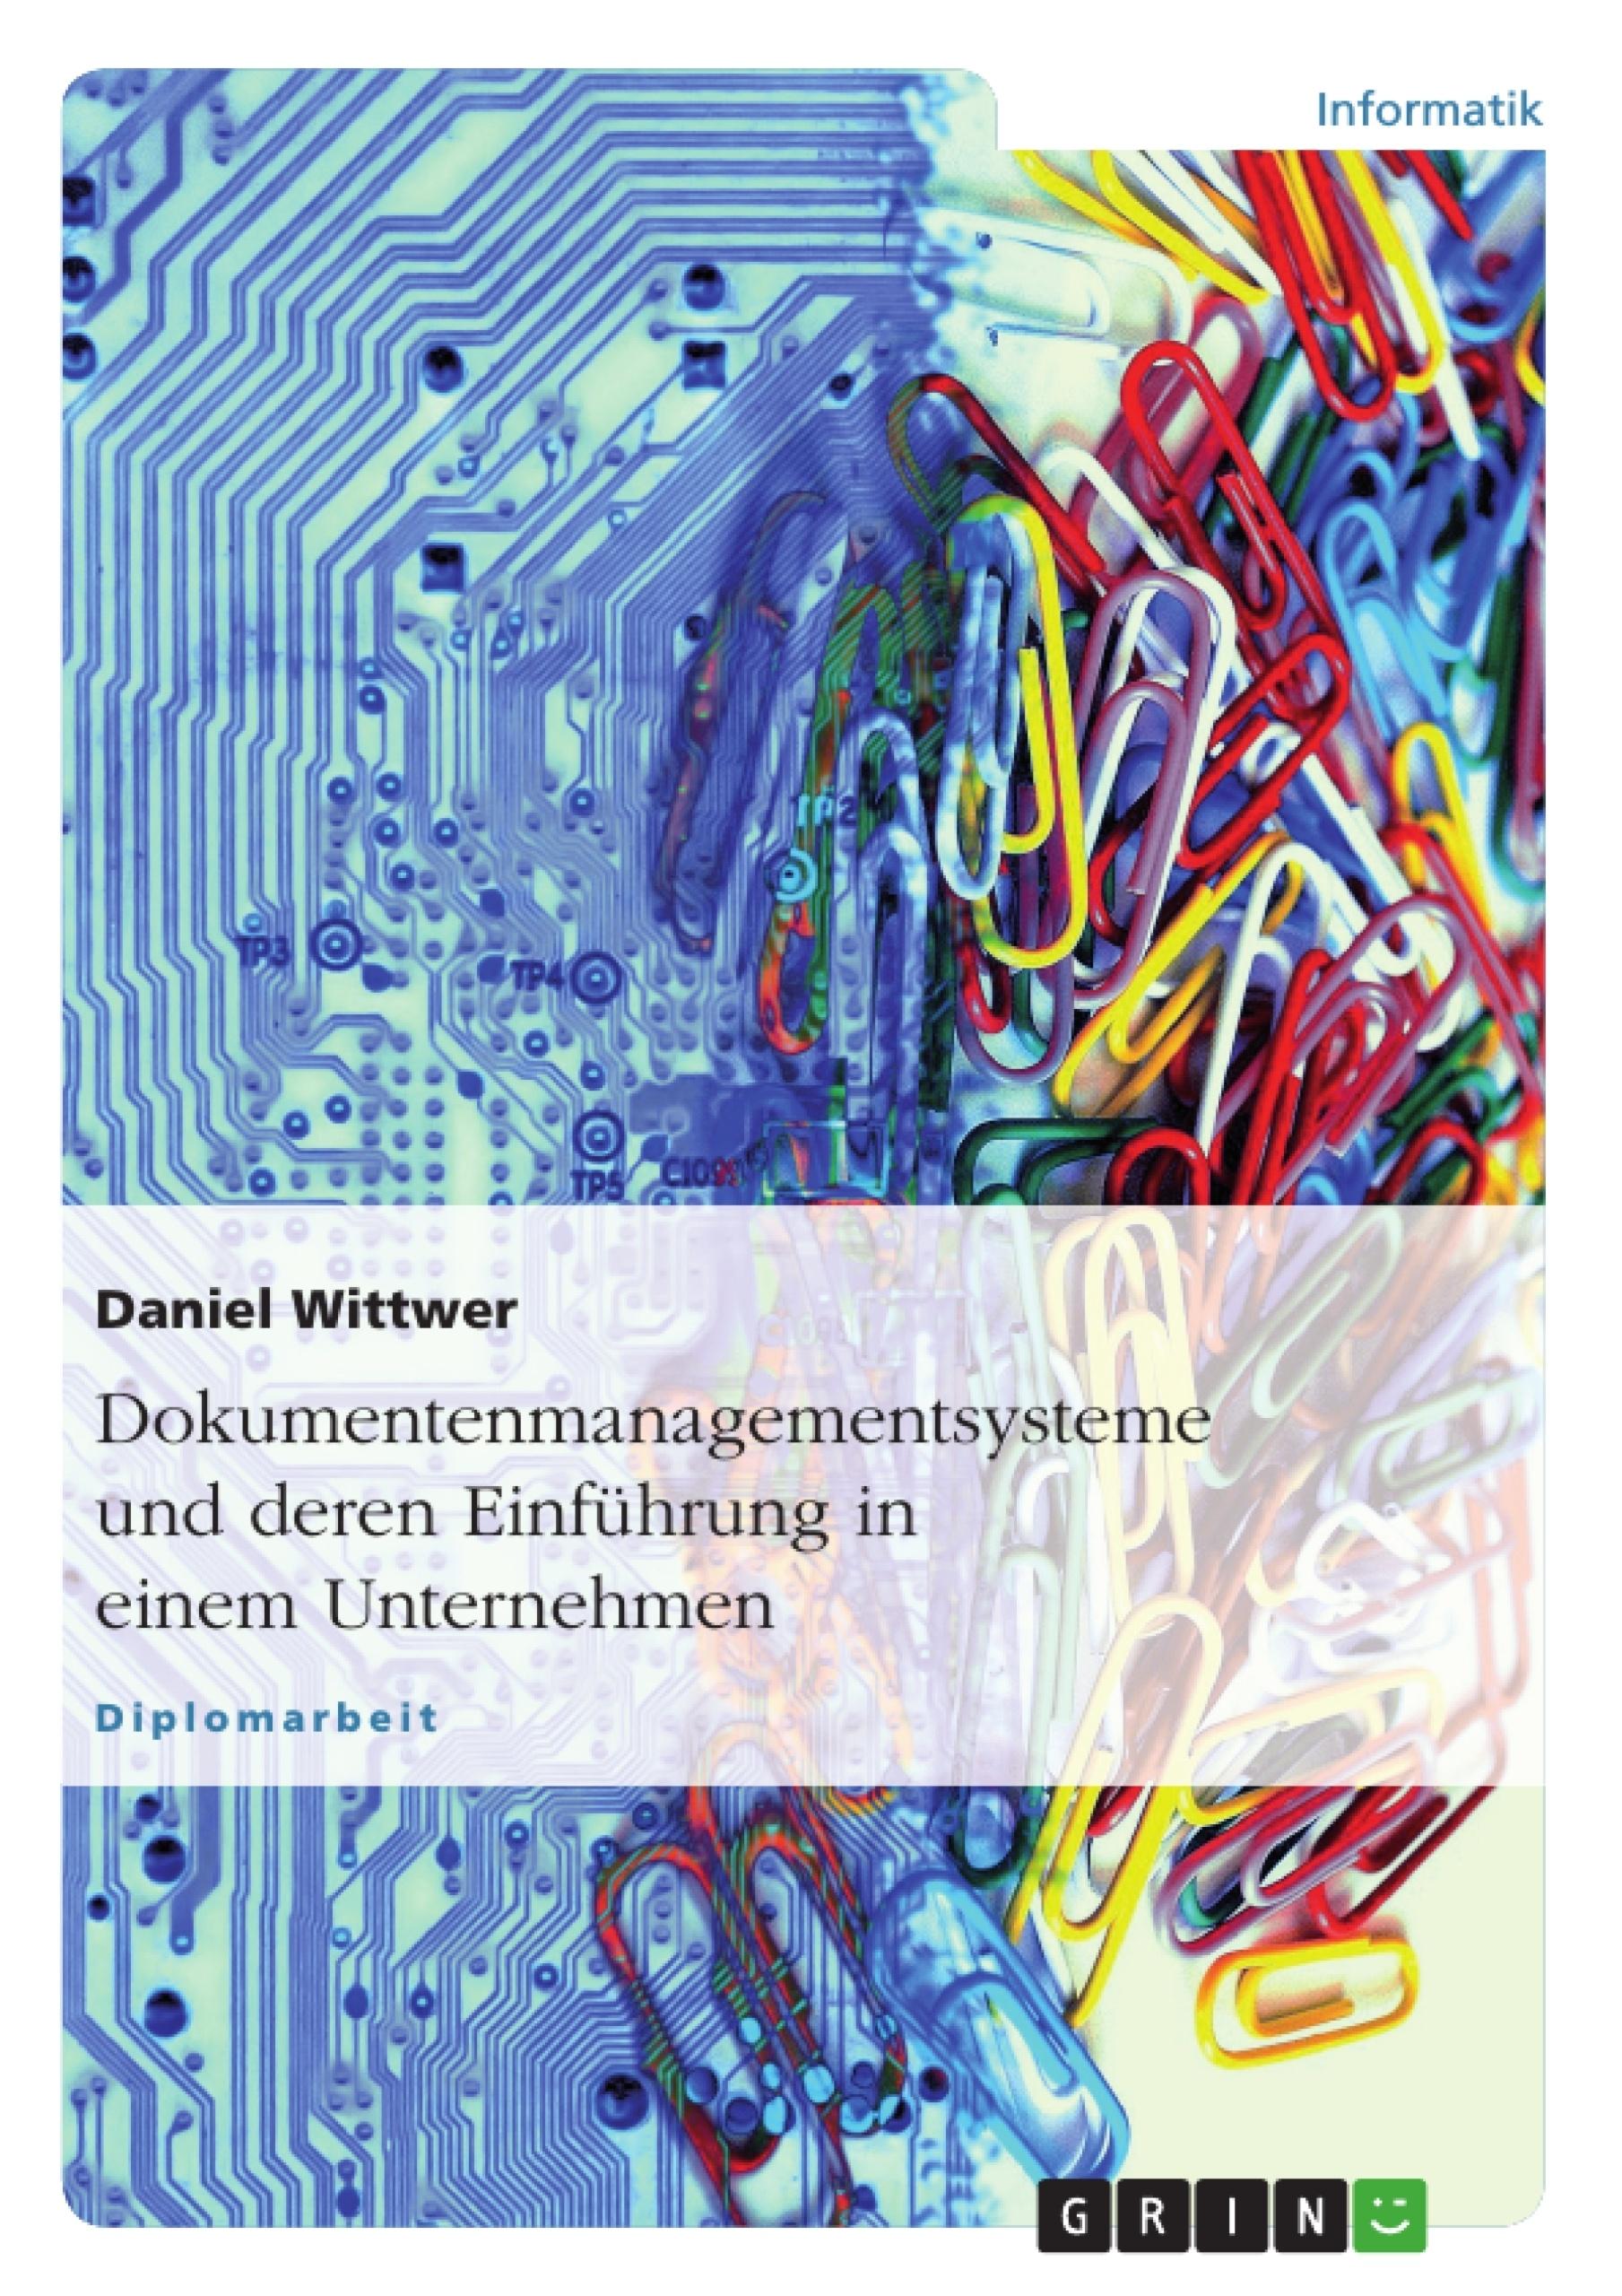 Titel: Dokumentenmanagementsysteme und deren Einführung in einem Unternehmen